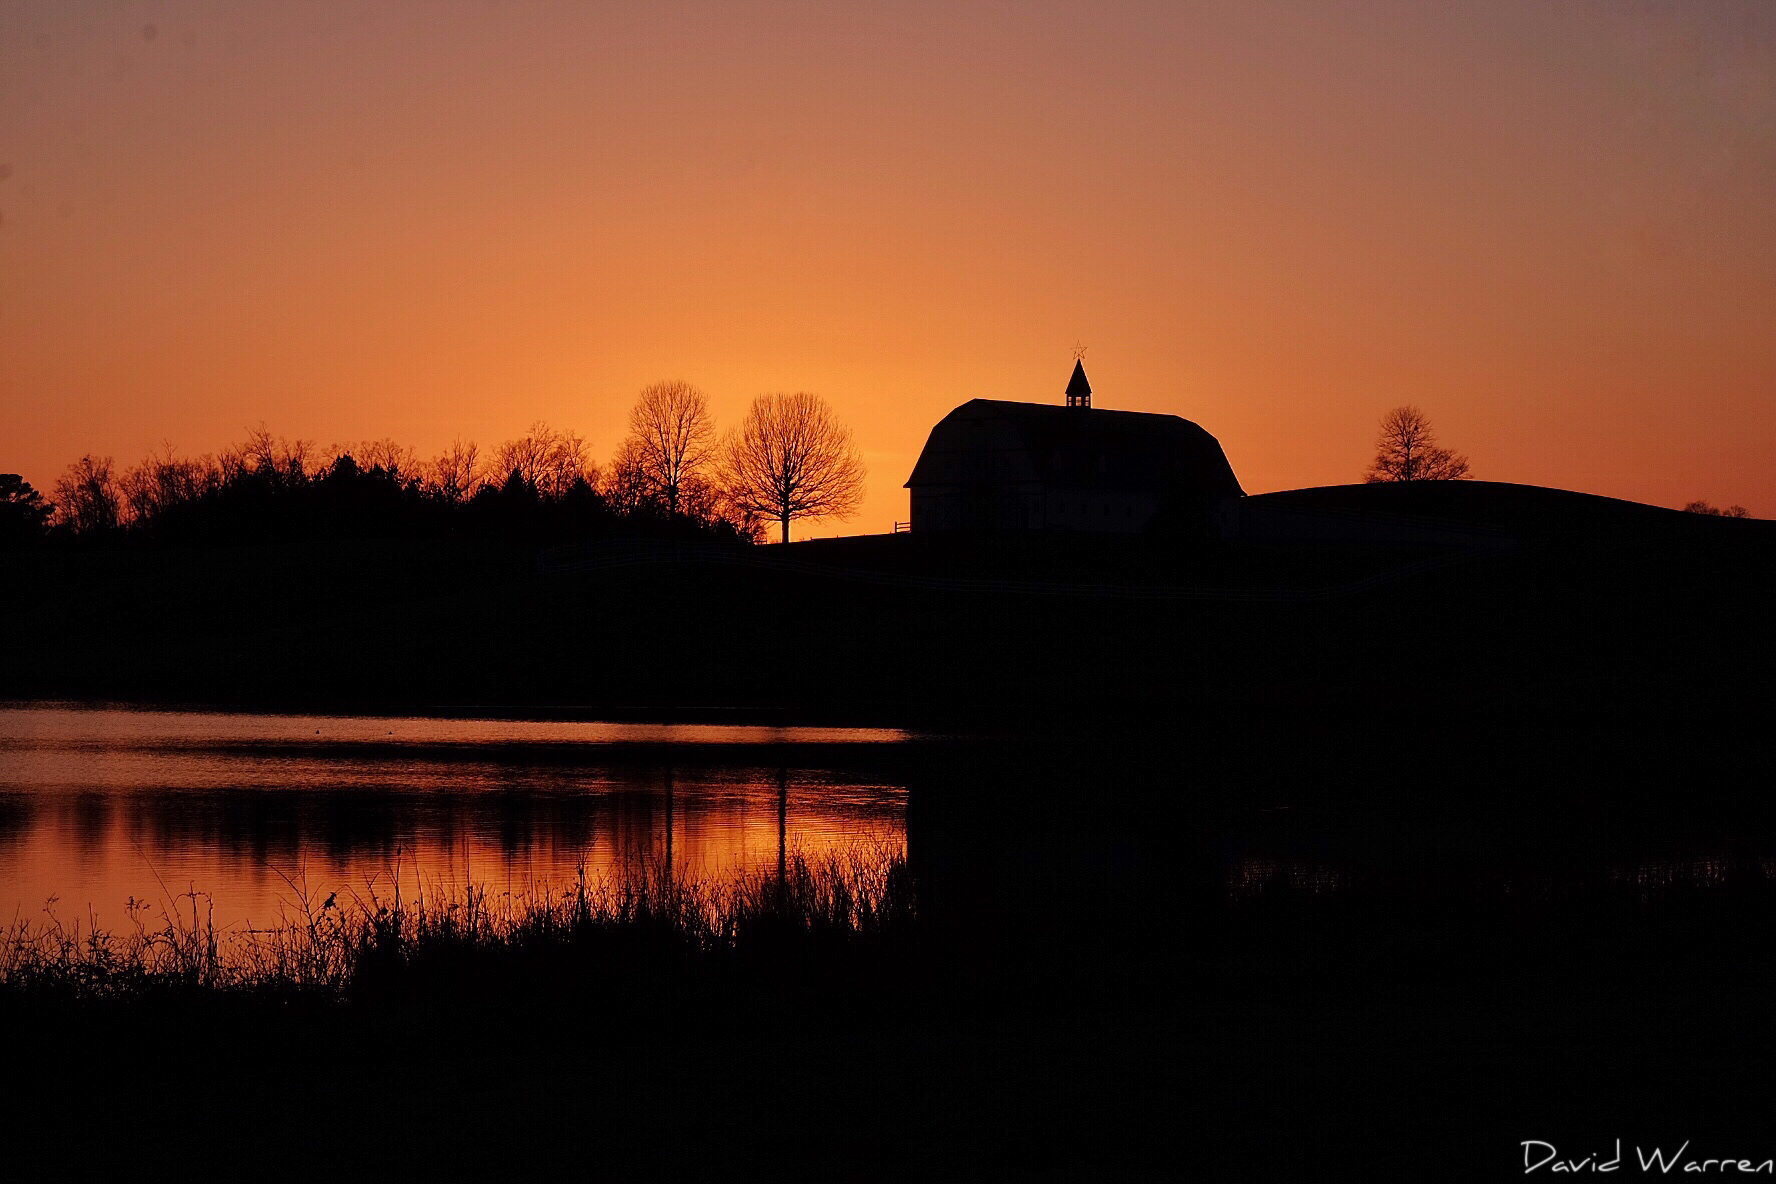 Sunset at The Hallmark Farm in Warrior